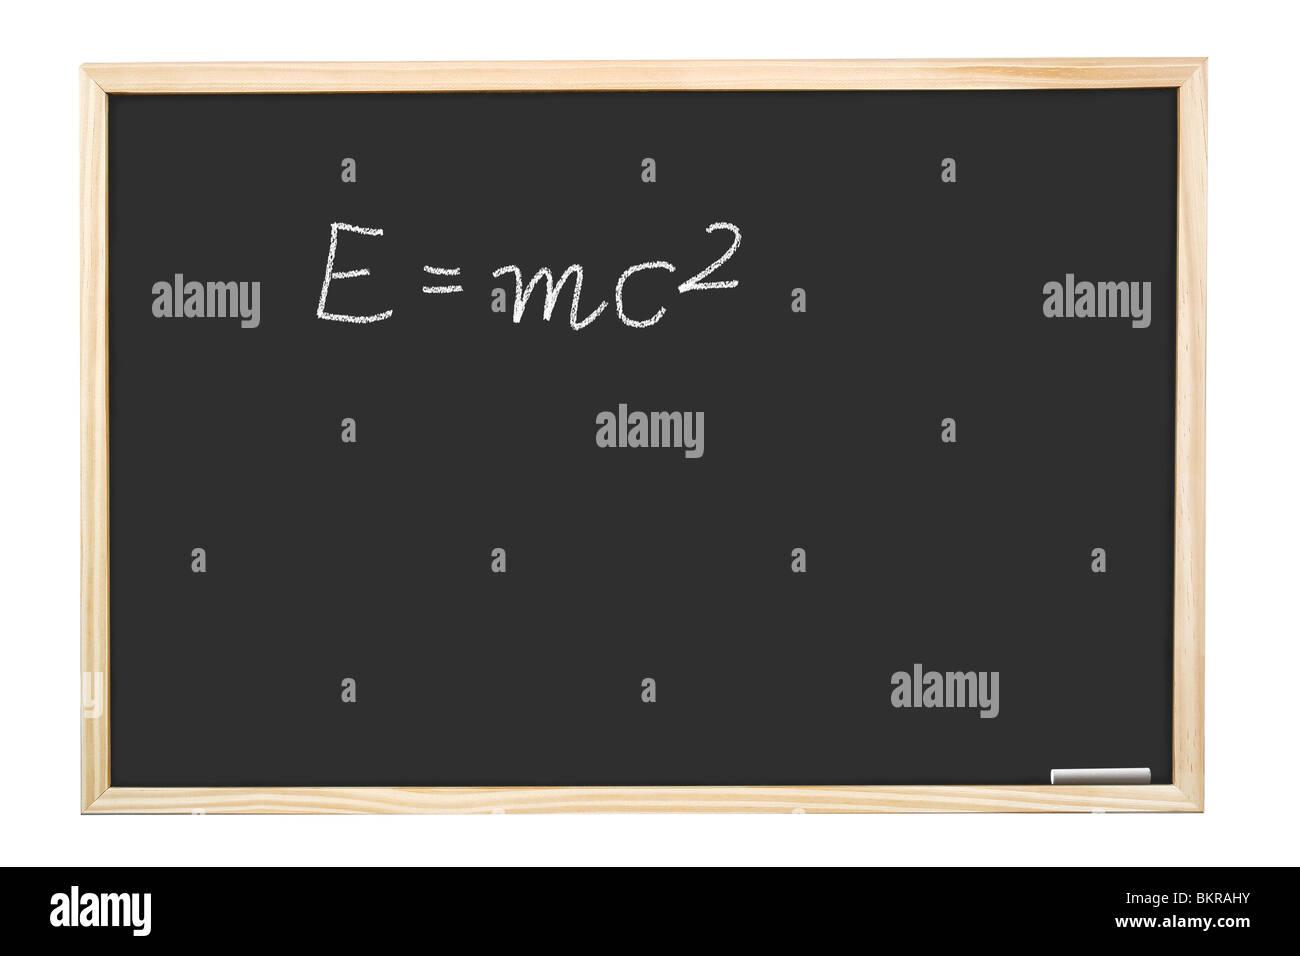 Famous Albert Einstein's equation E=mc2 handwritten on blackboard - Stock Image